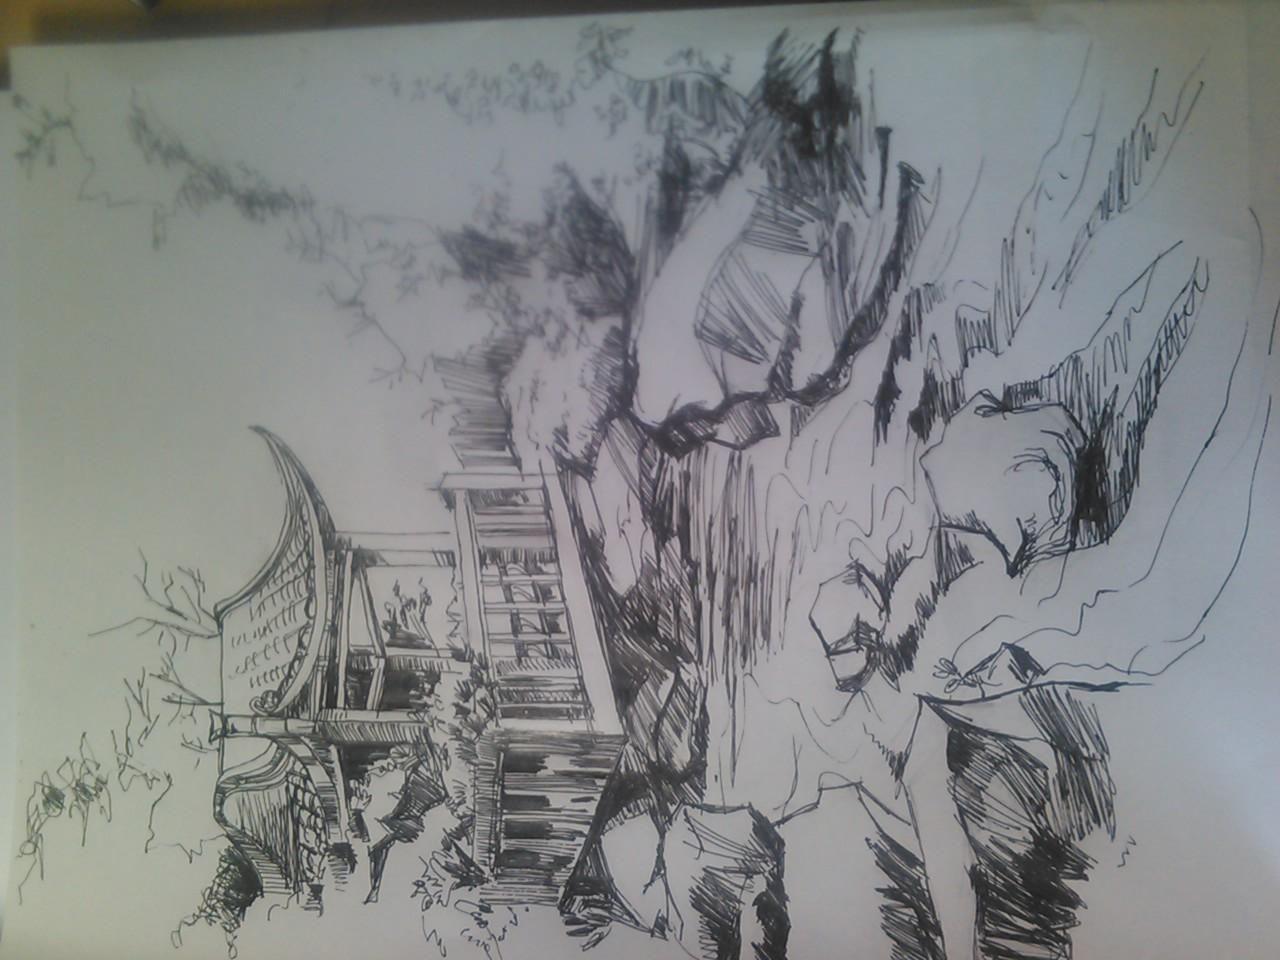 手绘园林俯视图手绘建筑俯视图环艺设计手绘俯视图